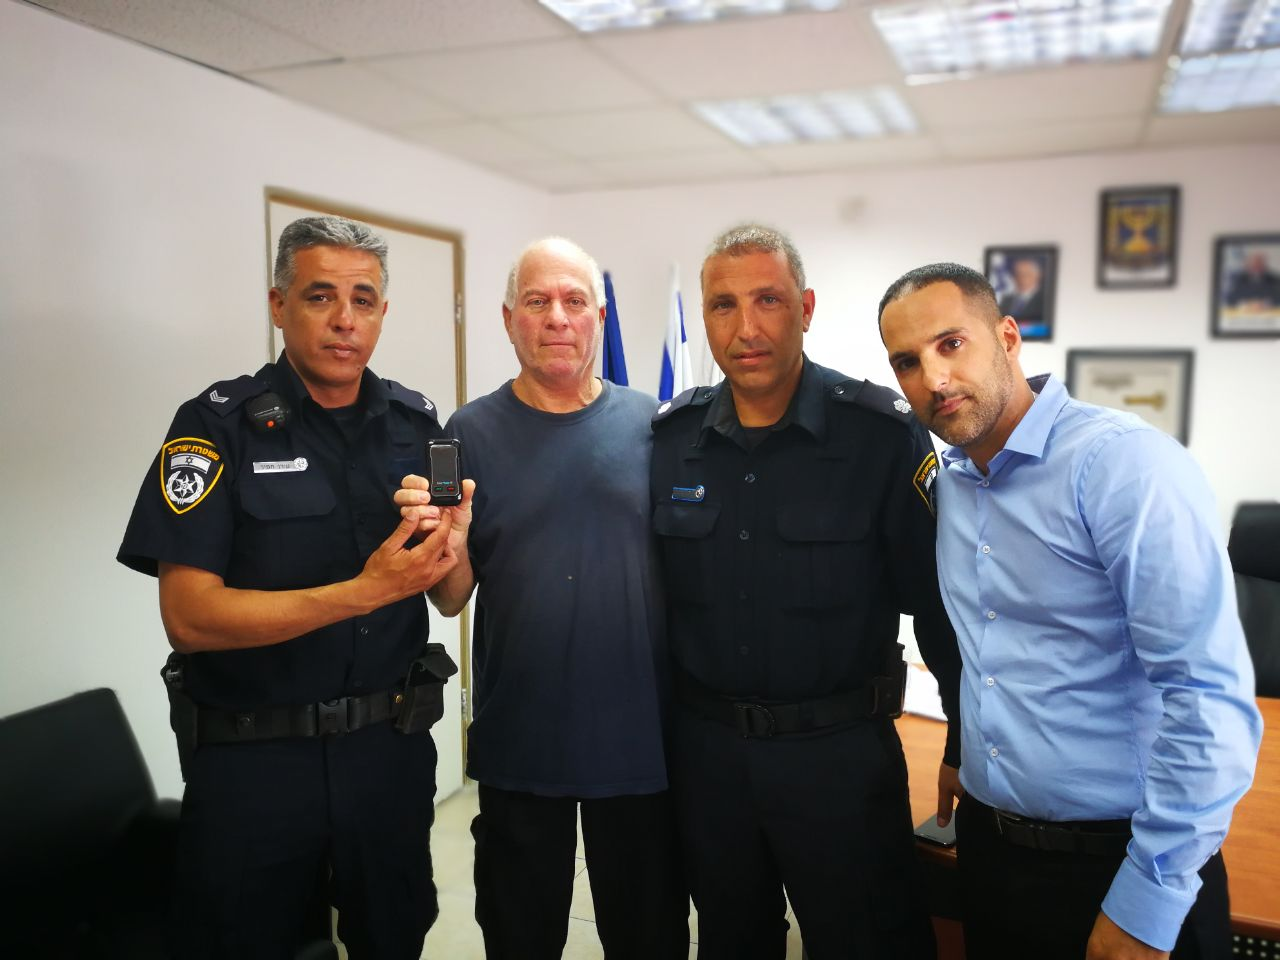 הטלפון הוחזר לאב השכול. צילום משטרת ישראל